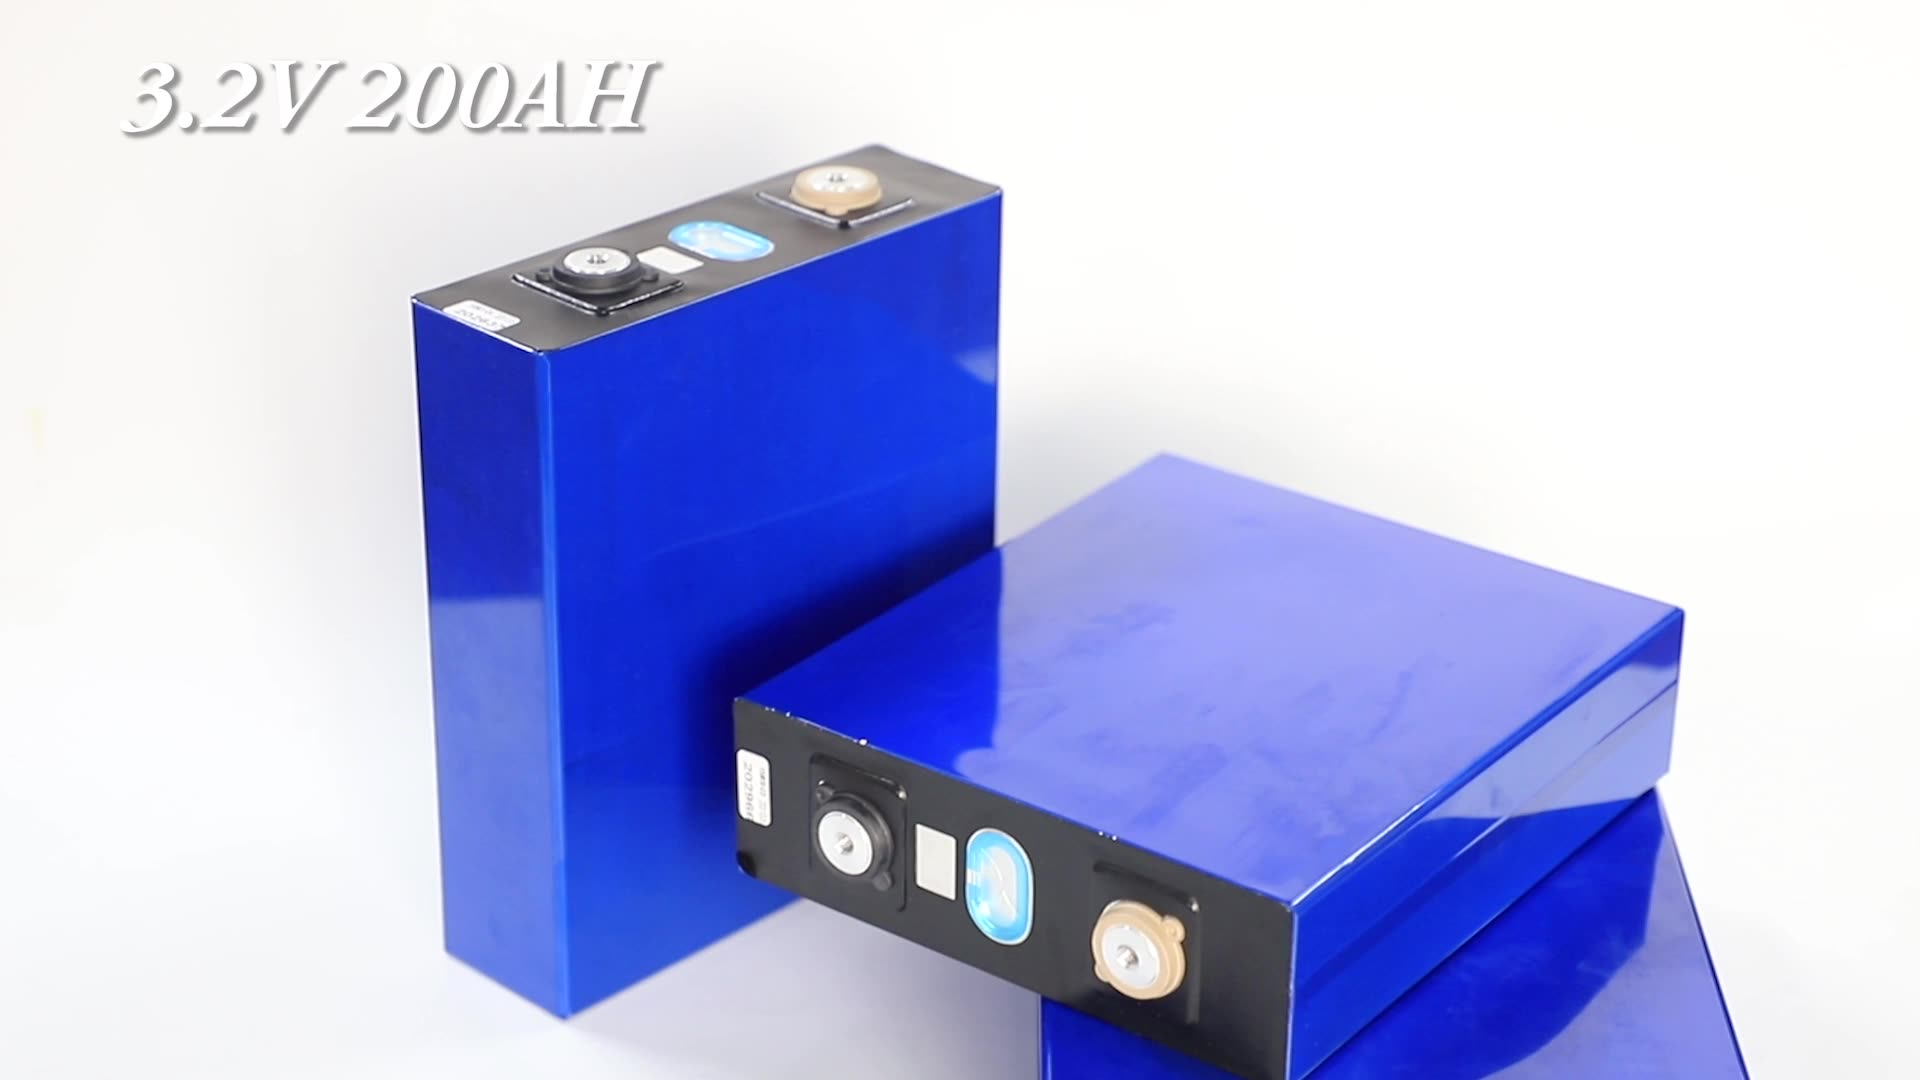 Lifepo4 6.4v 26650 célula de bateria 2s2p pack para luzes led rc brinquedos do carro dos miúdos dos dispositivos médicos 6.4v 6000mAh